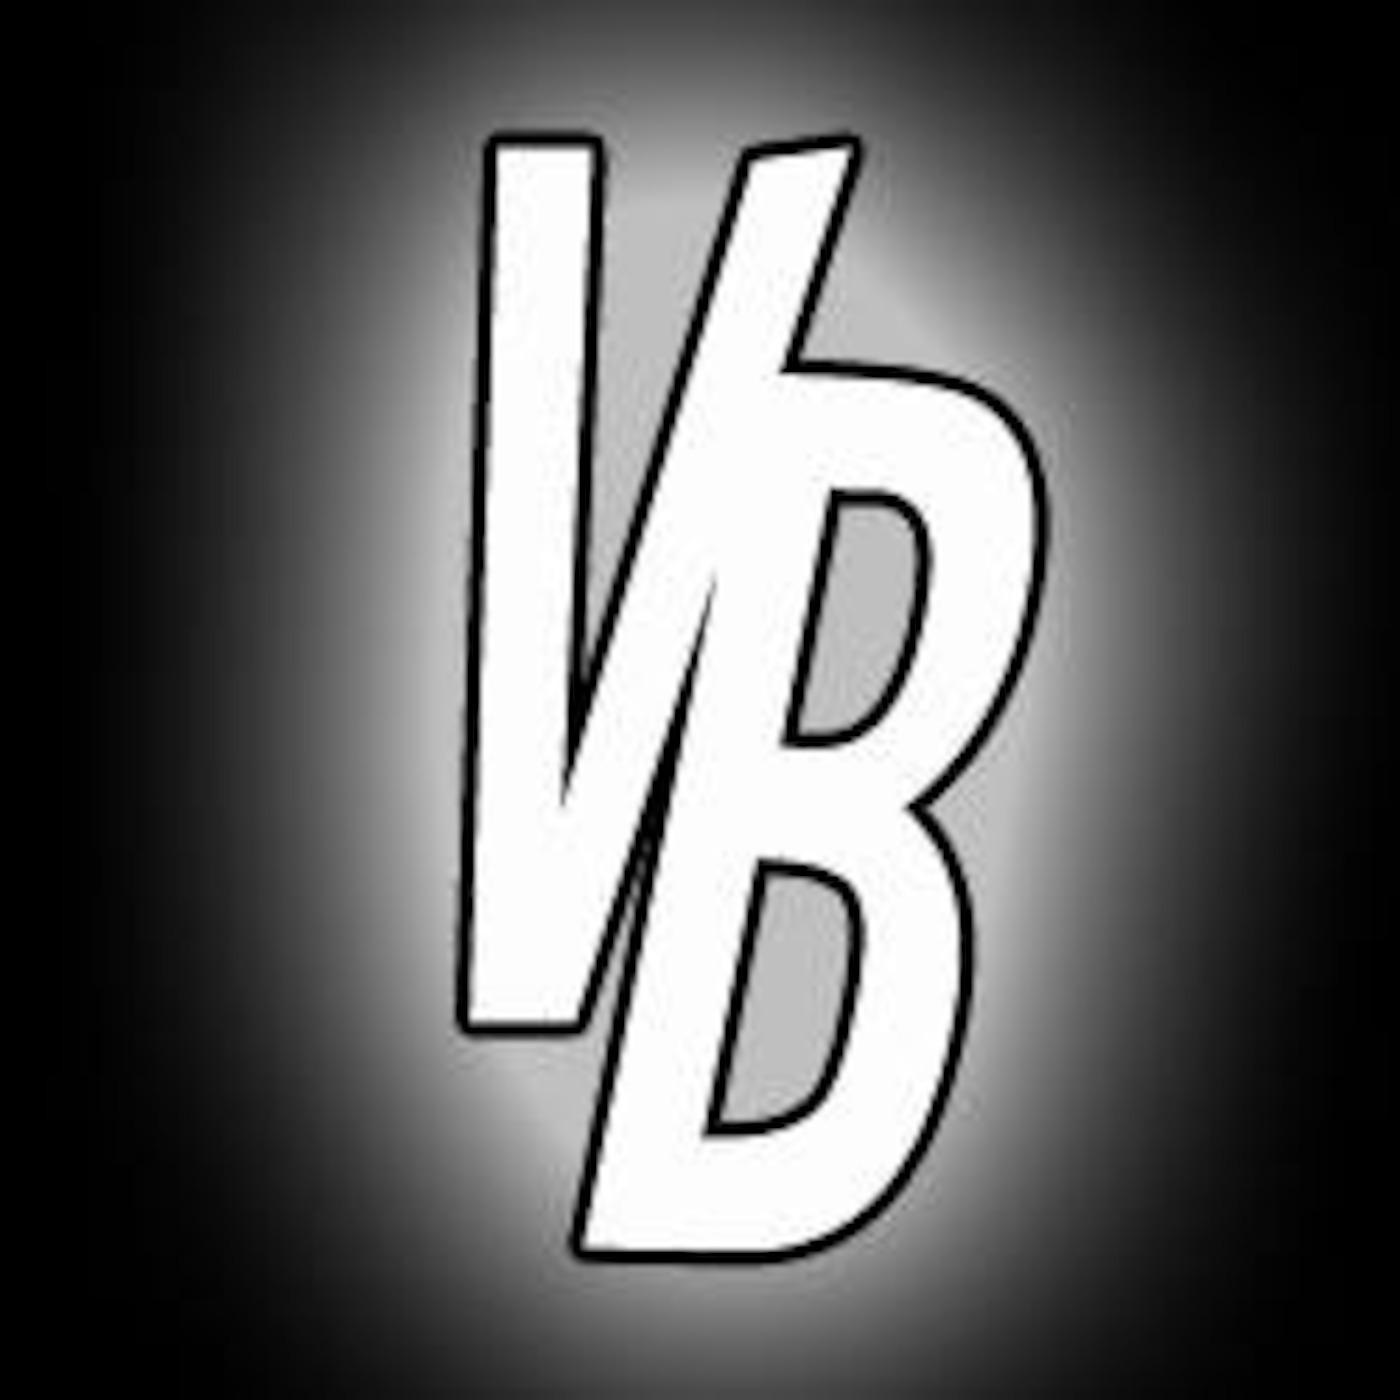 Virtual Bazooka